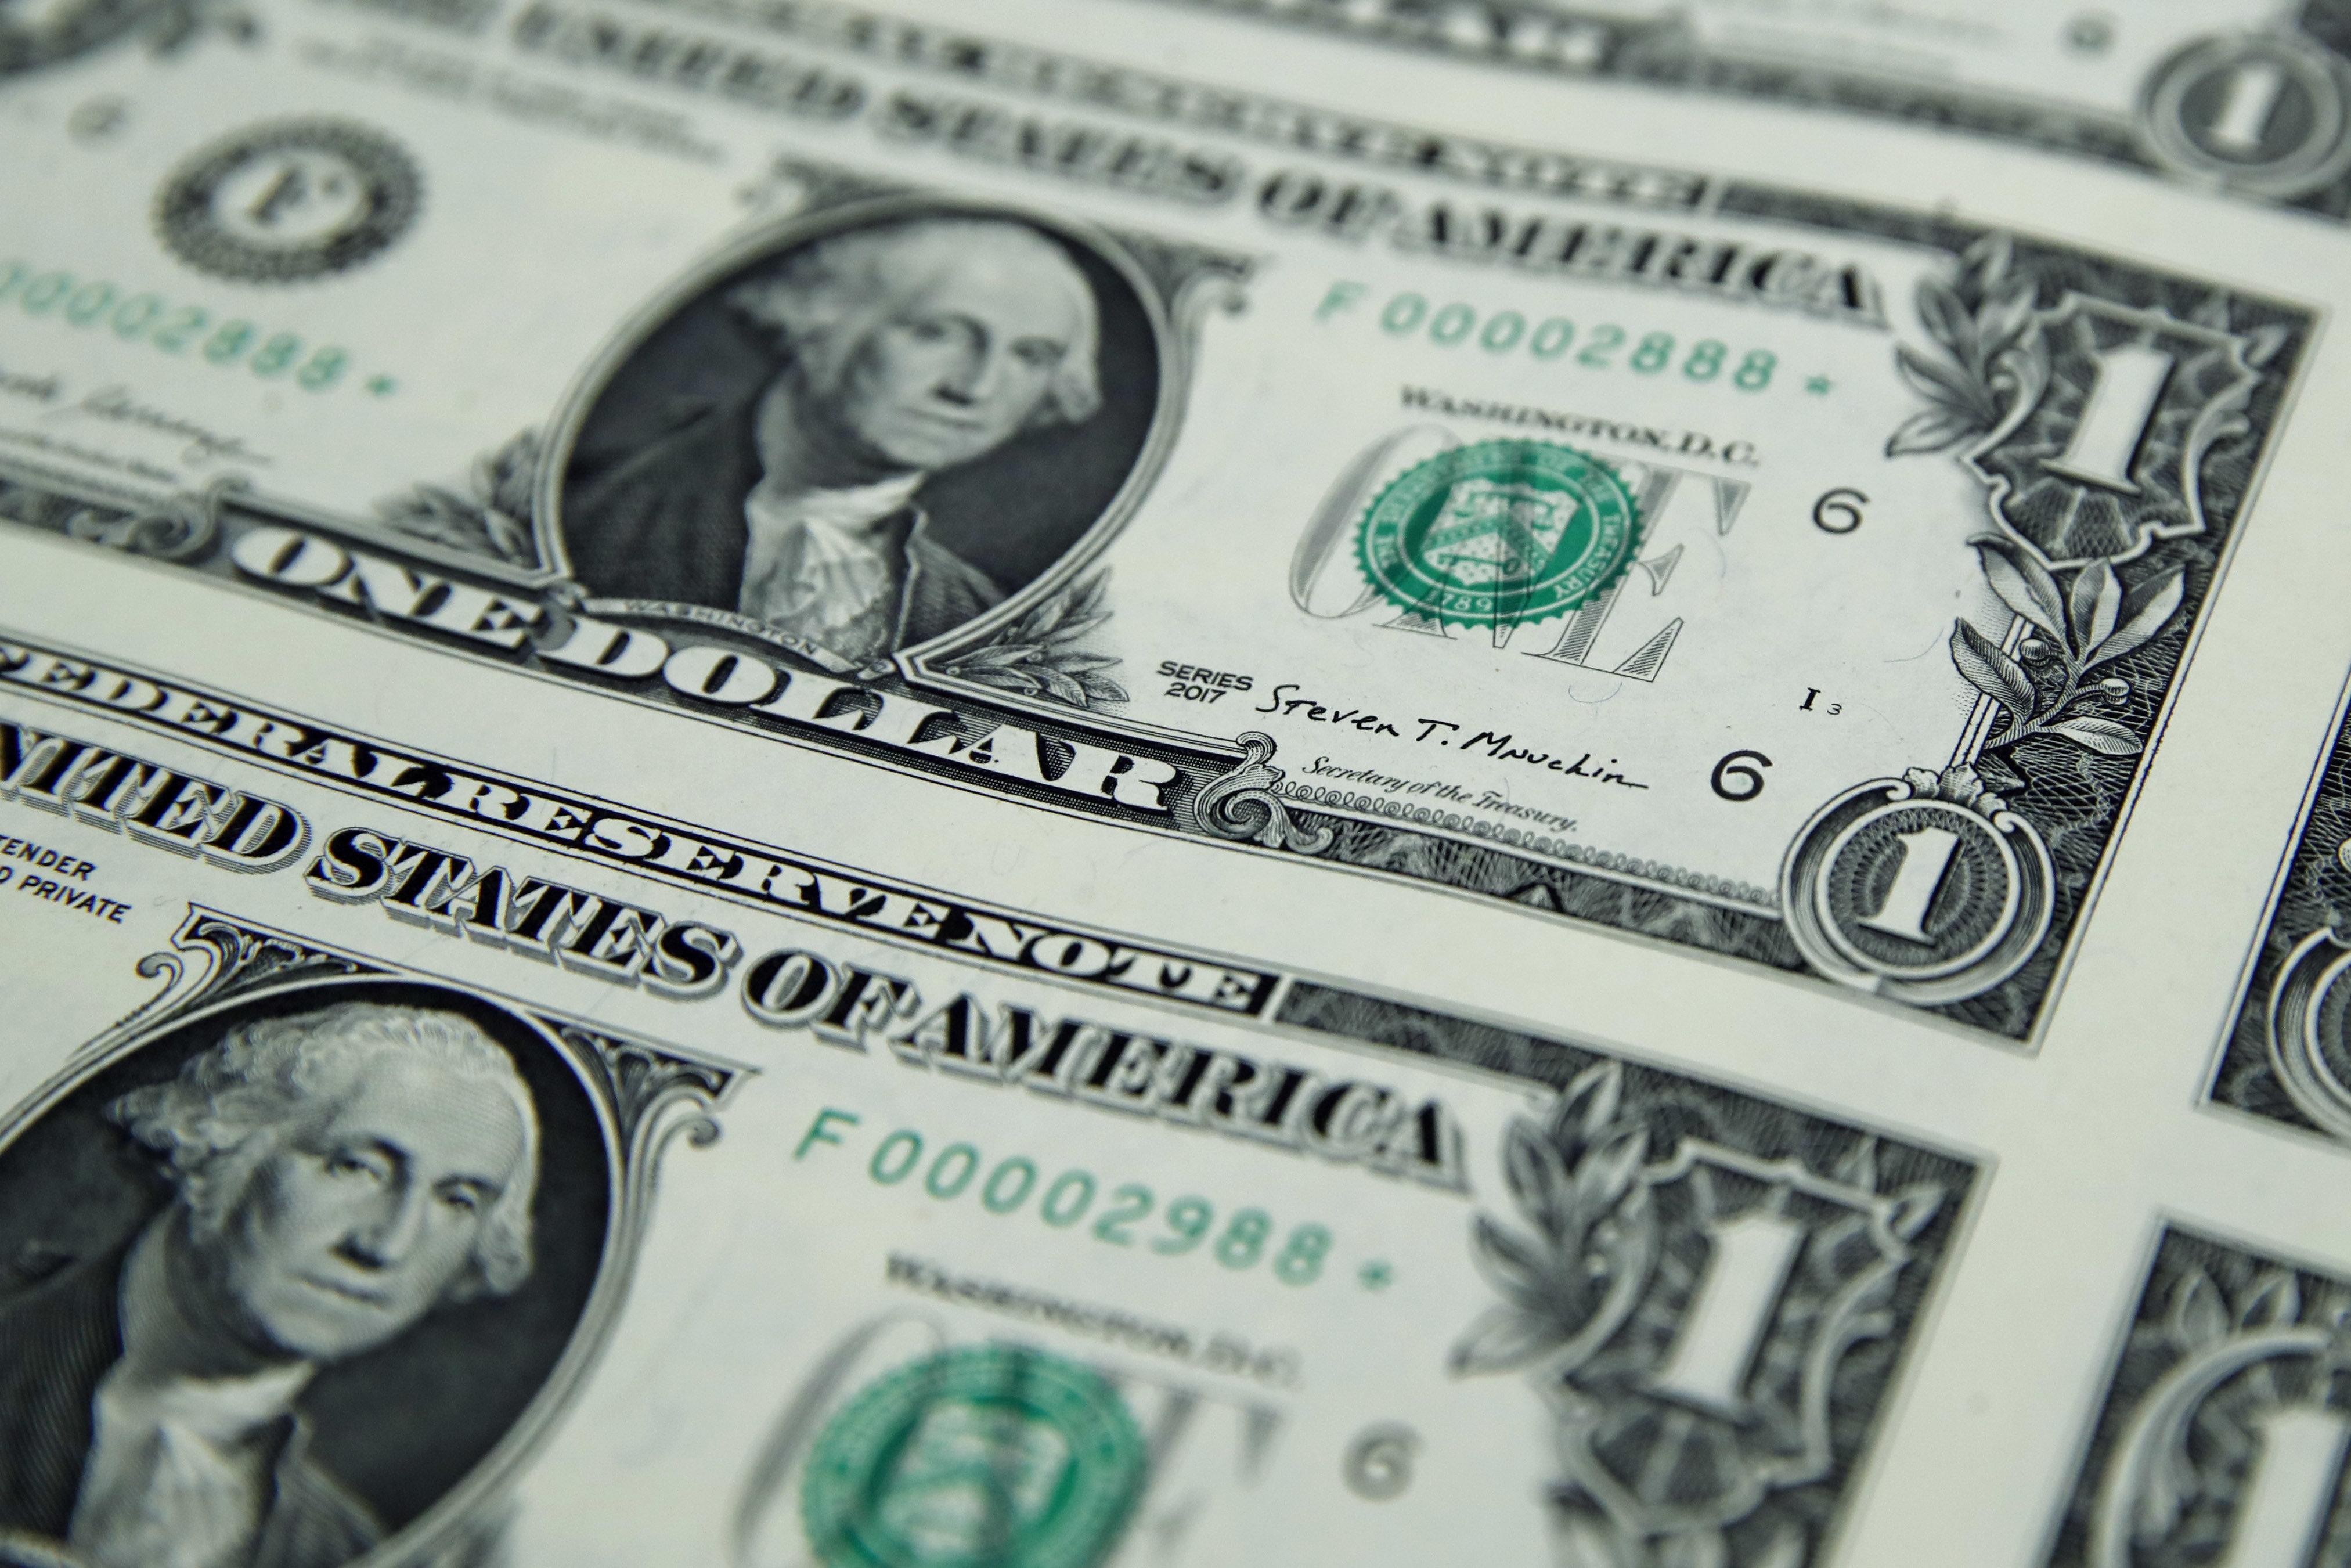 Ερευνα: Που βρίσκονται οι πλουσιότεροι άνθρωποι του